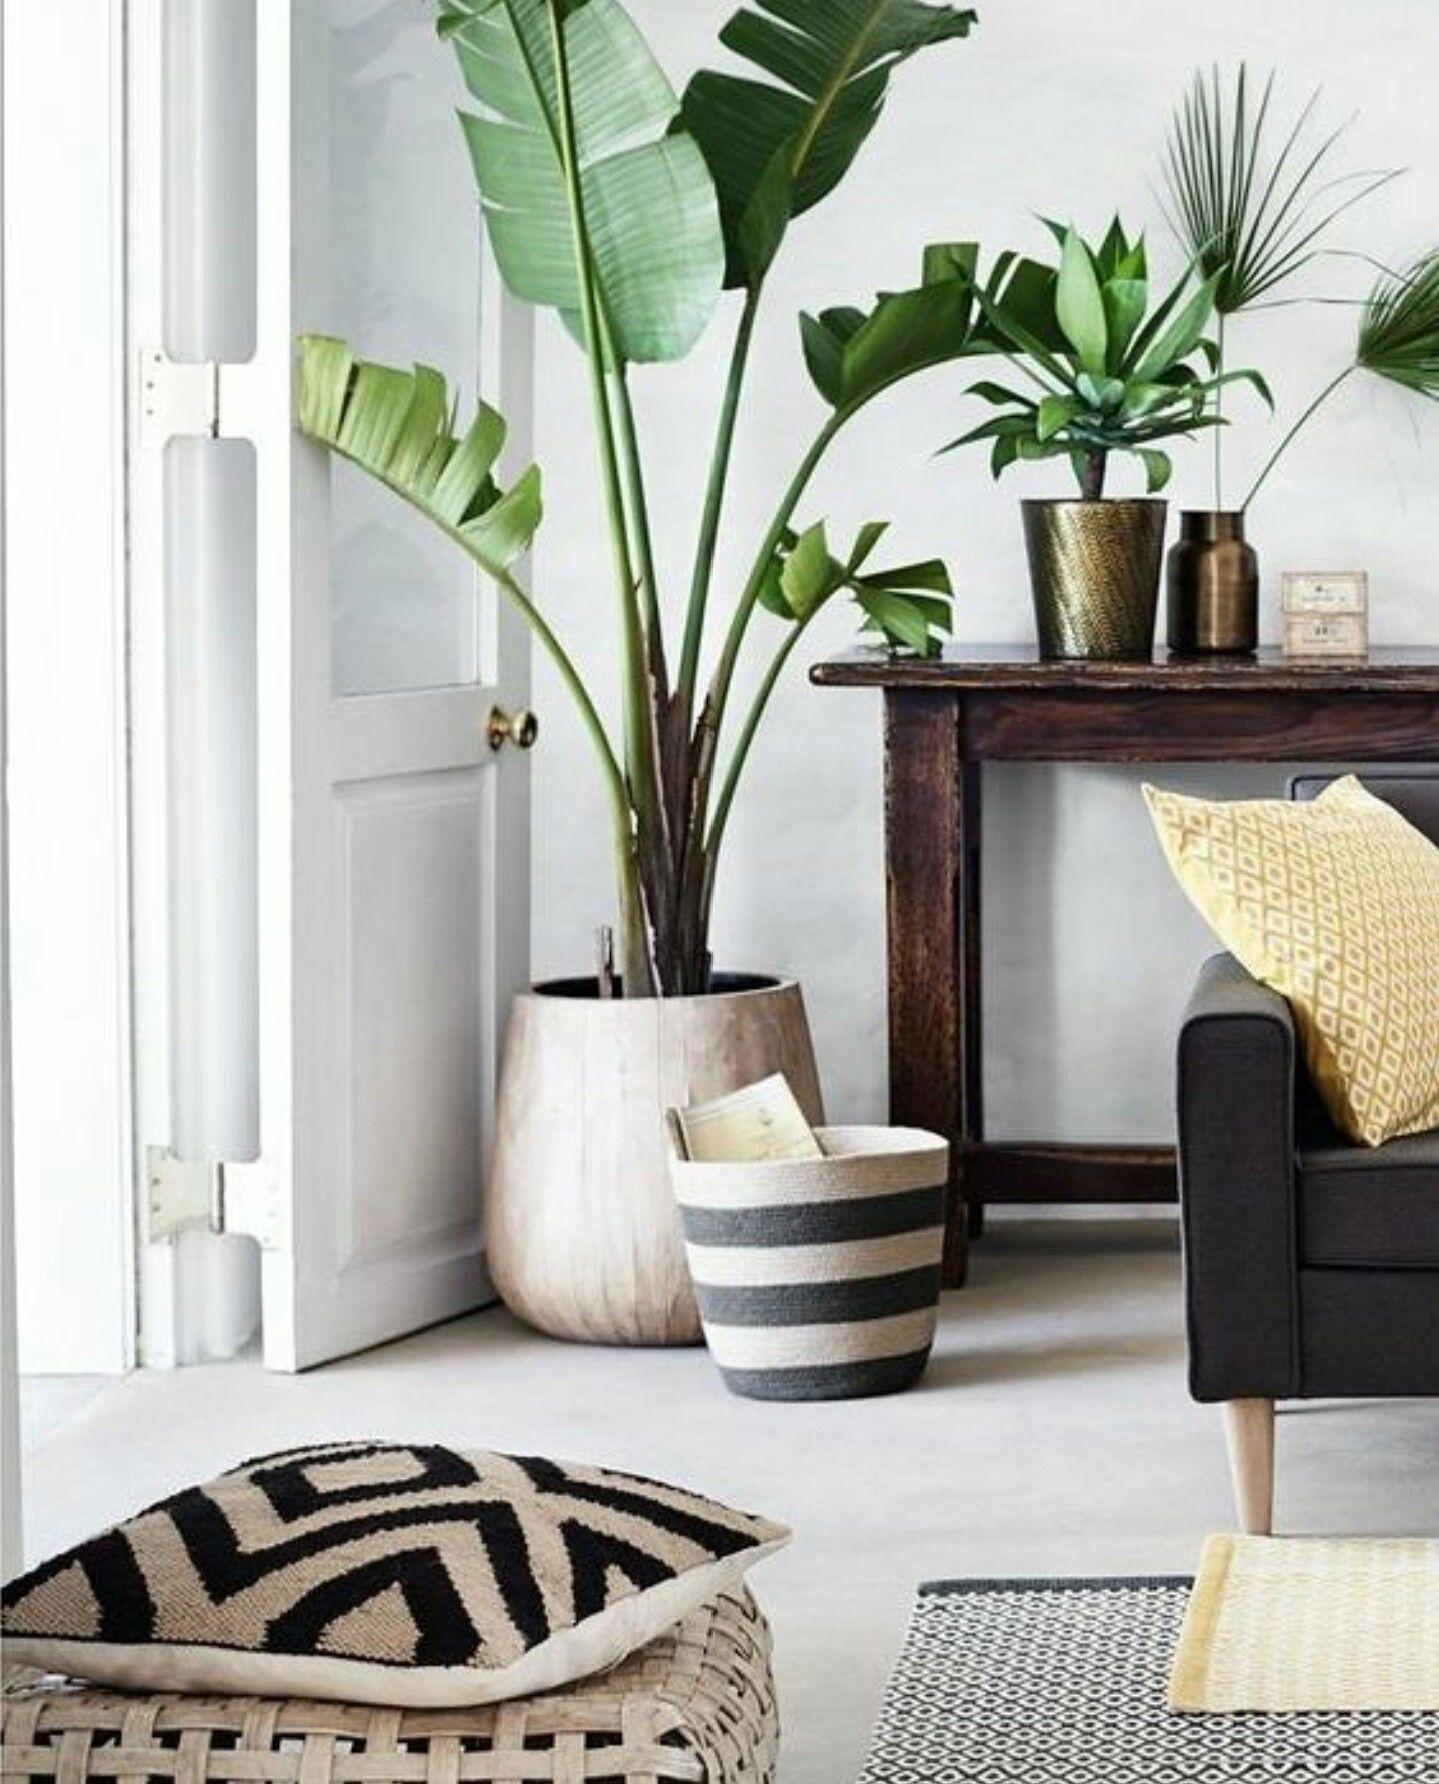 Pin von Mod Wood Art auf MODERN | House Plants | Pinterest